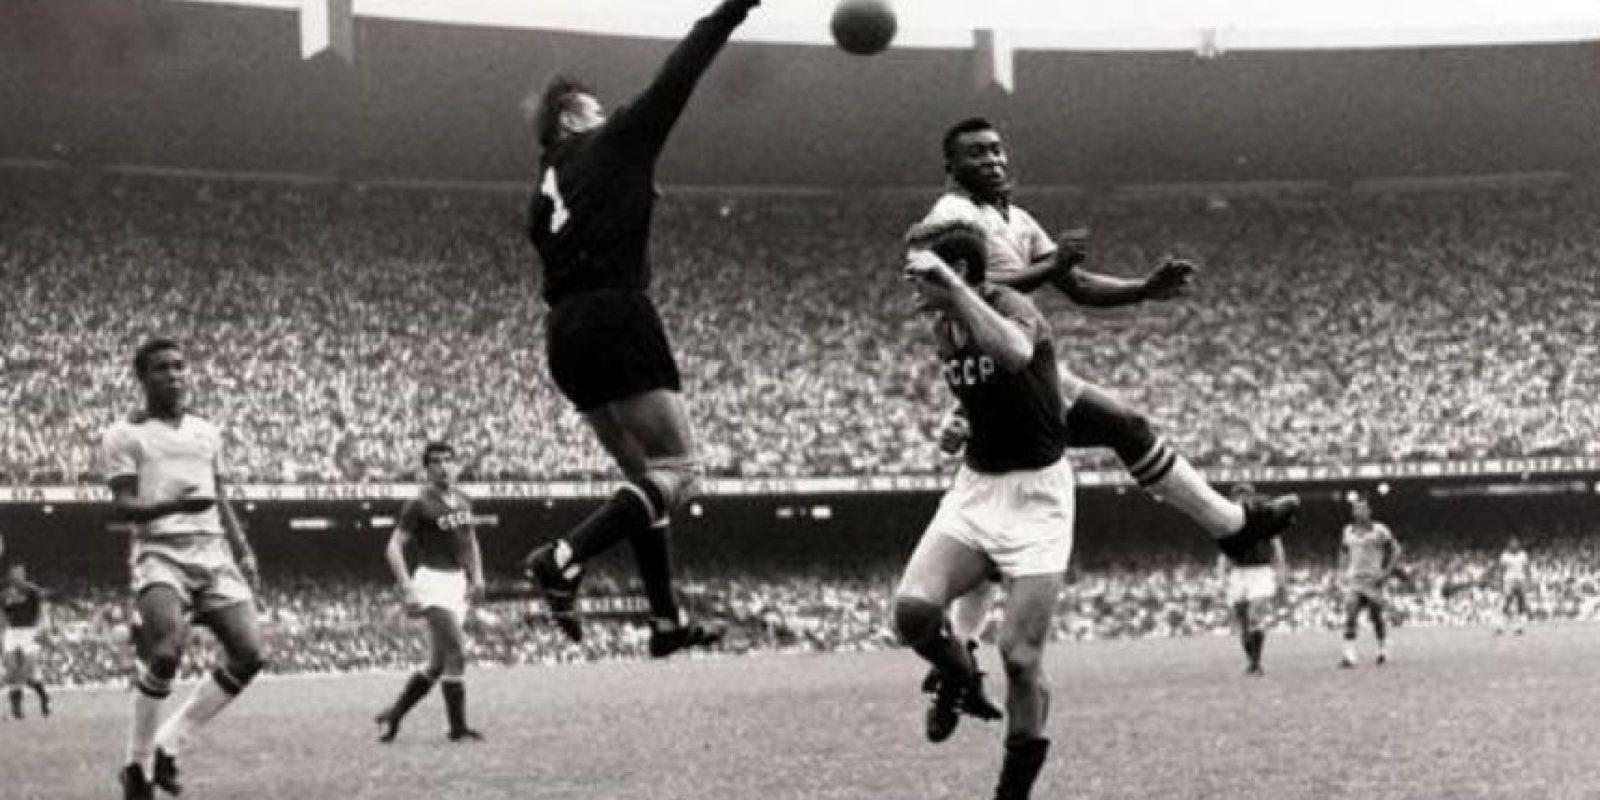 """""""La Araña Negra"""" de Rusia es el único portero que ganó el Balón de Oro, en 1963. Murió en 1990 a los 60 años Foto:Twitter"""